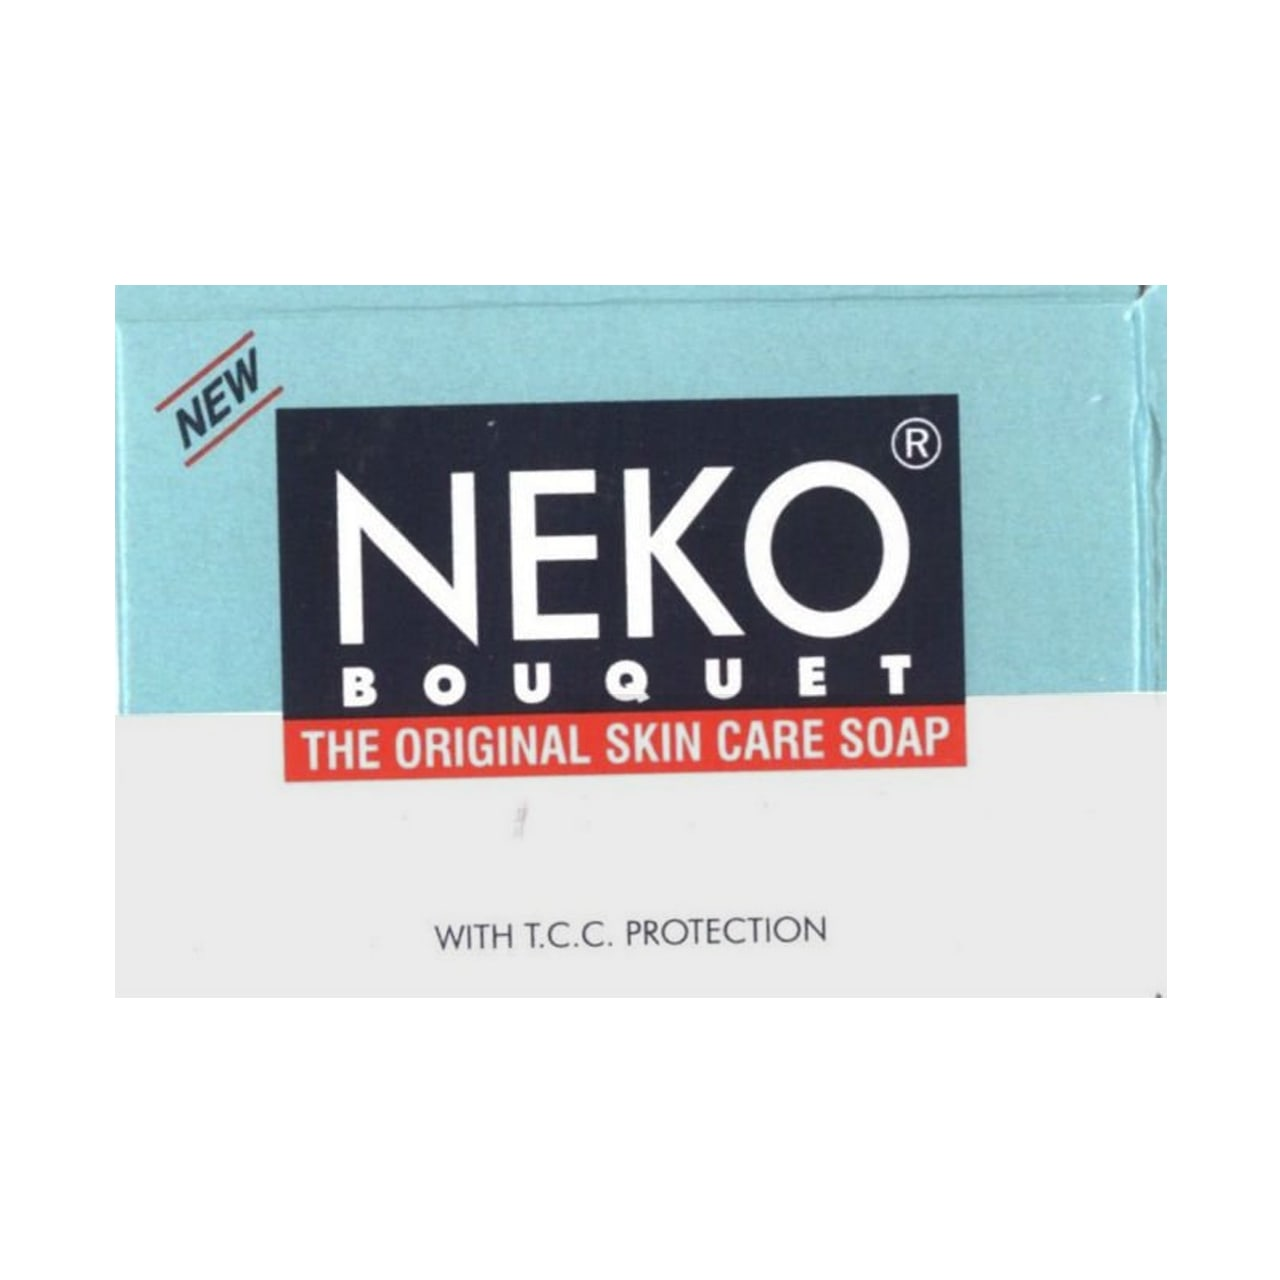 Neko Bouquet Soap